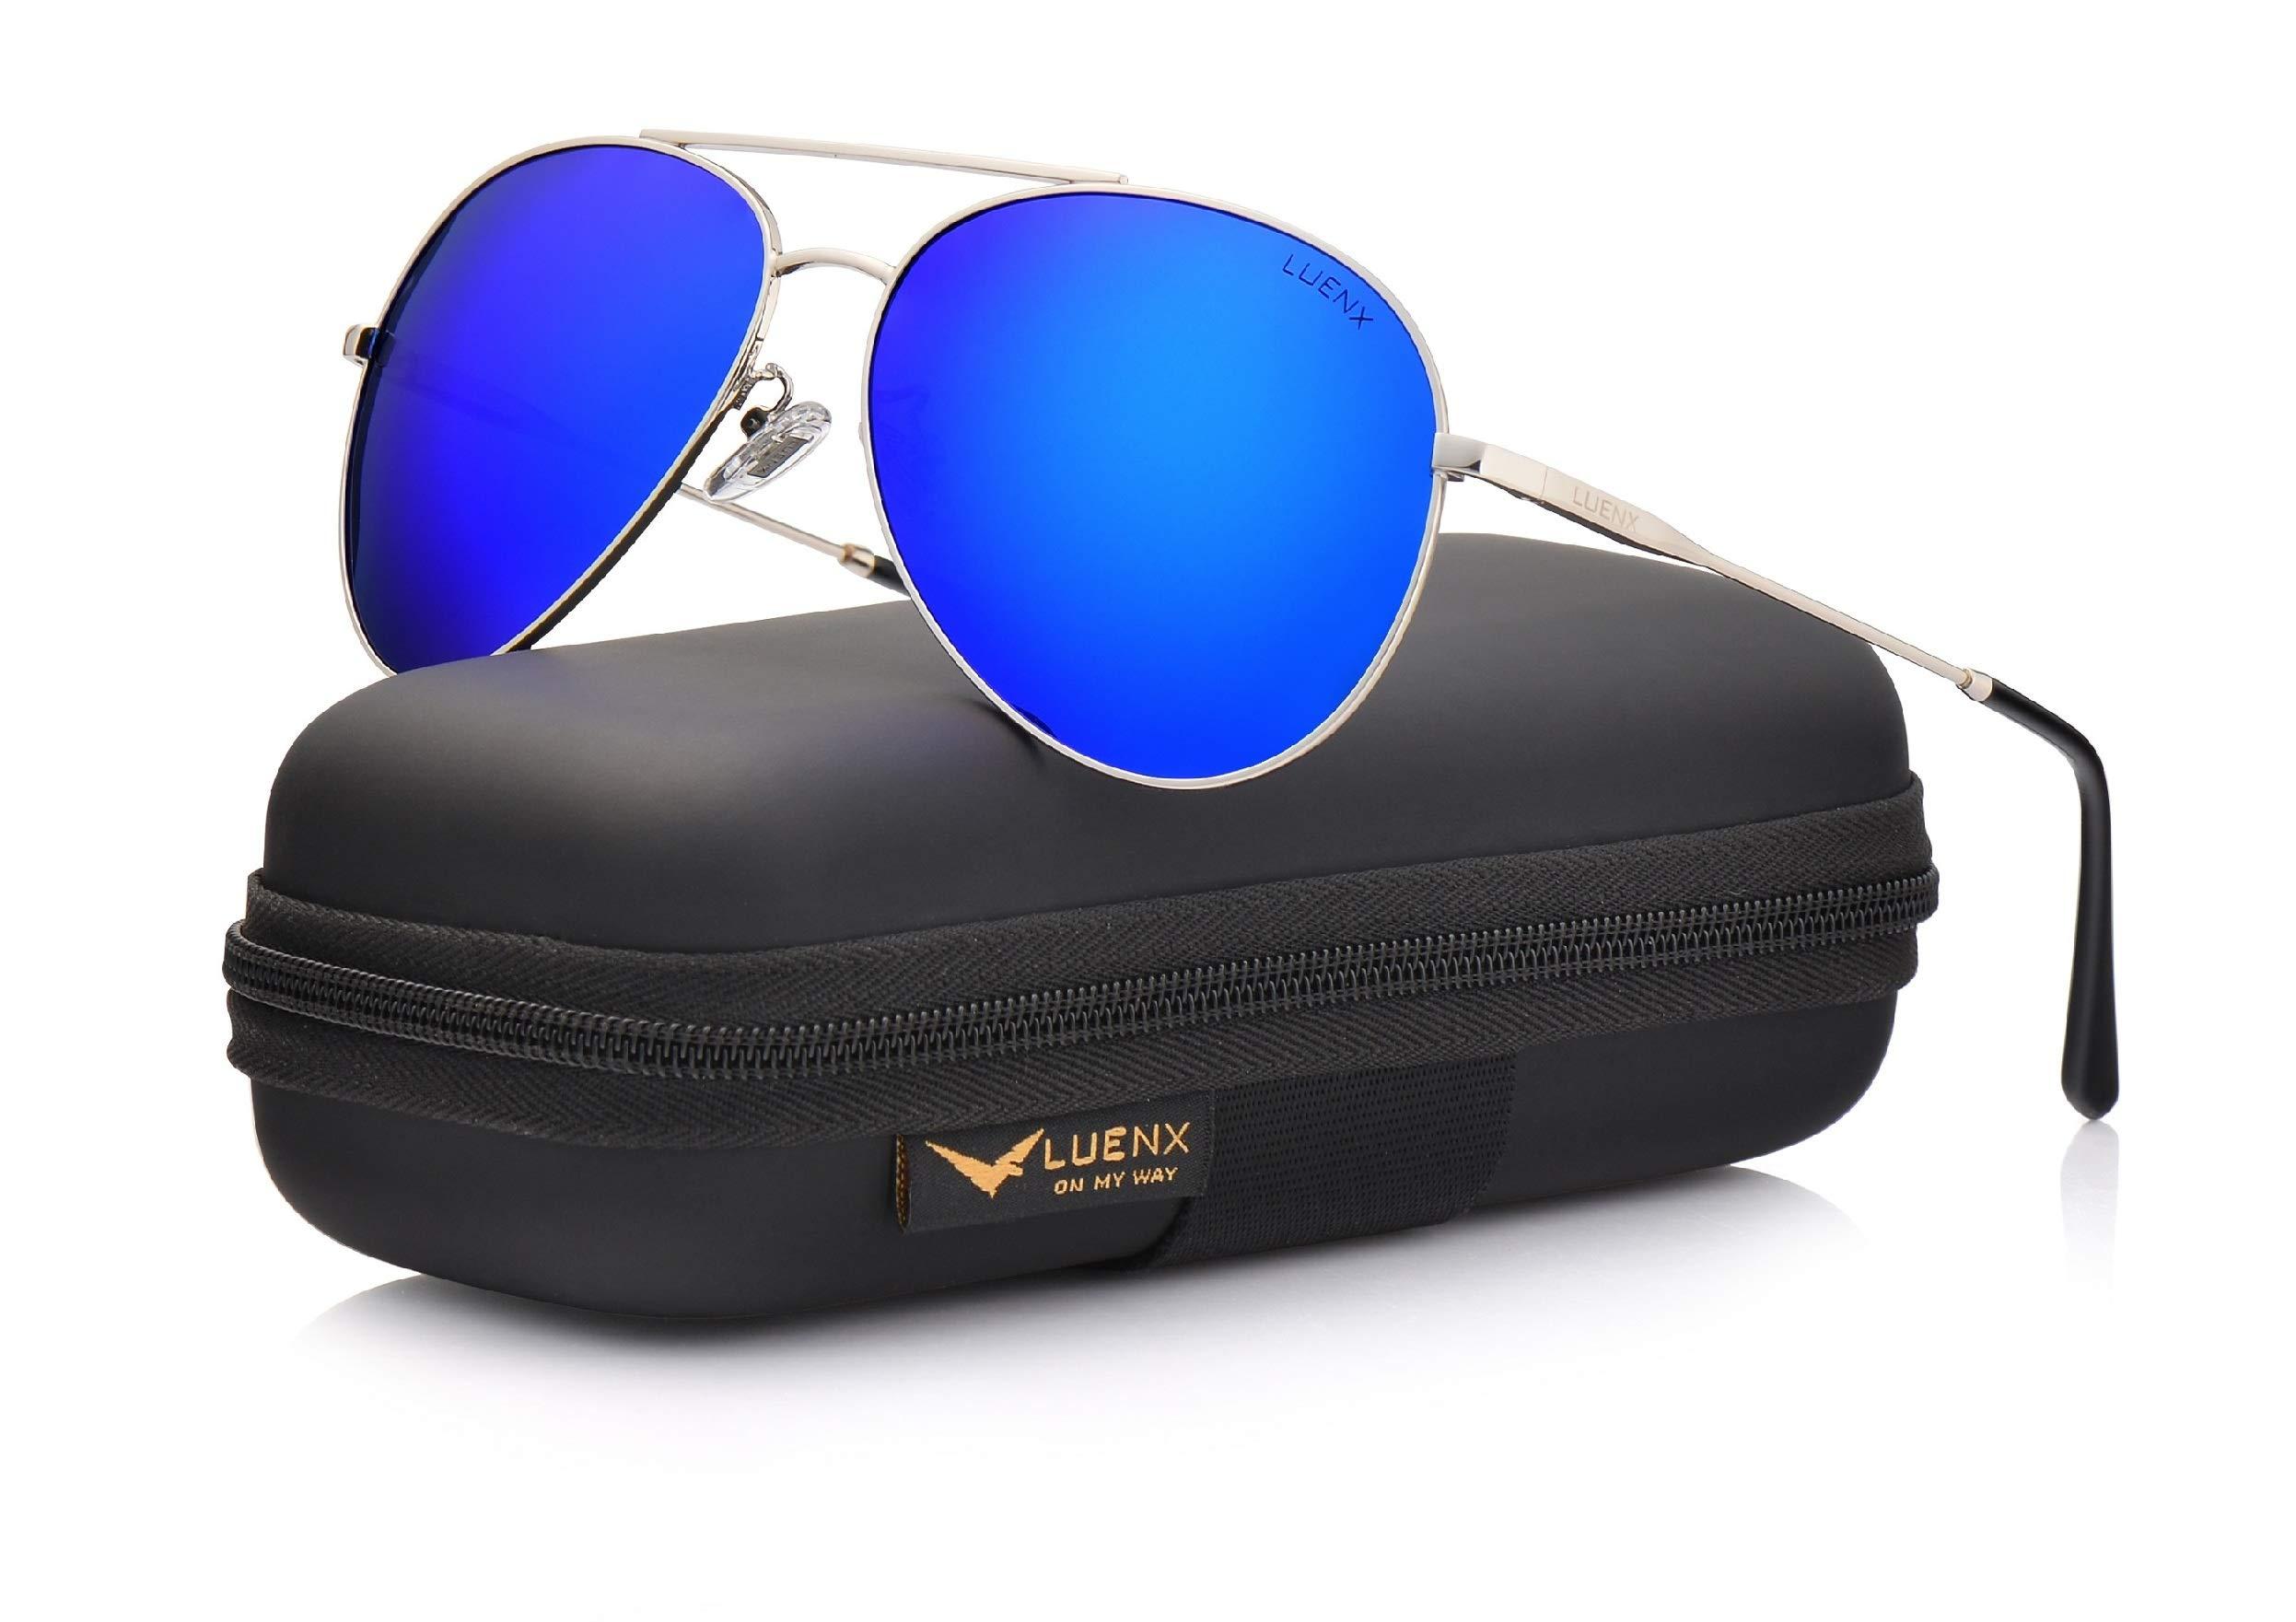 LUENX Men Women Aviator Sunglasses Polarized Mirrored Blue Lens Metal Frame UV 400 Driving